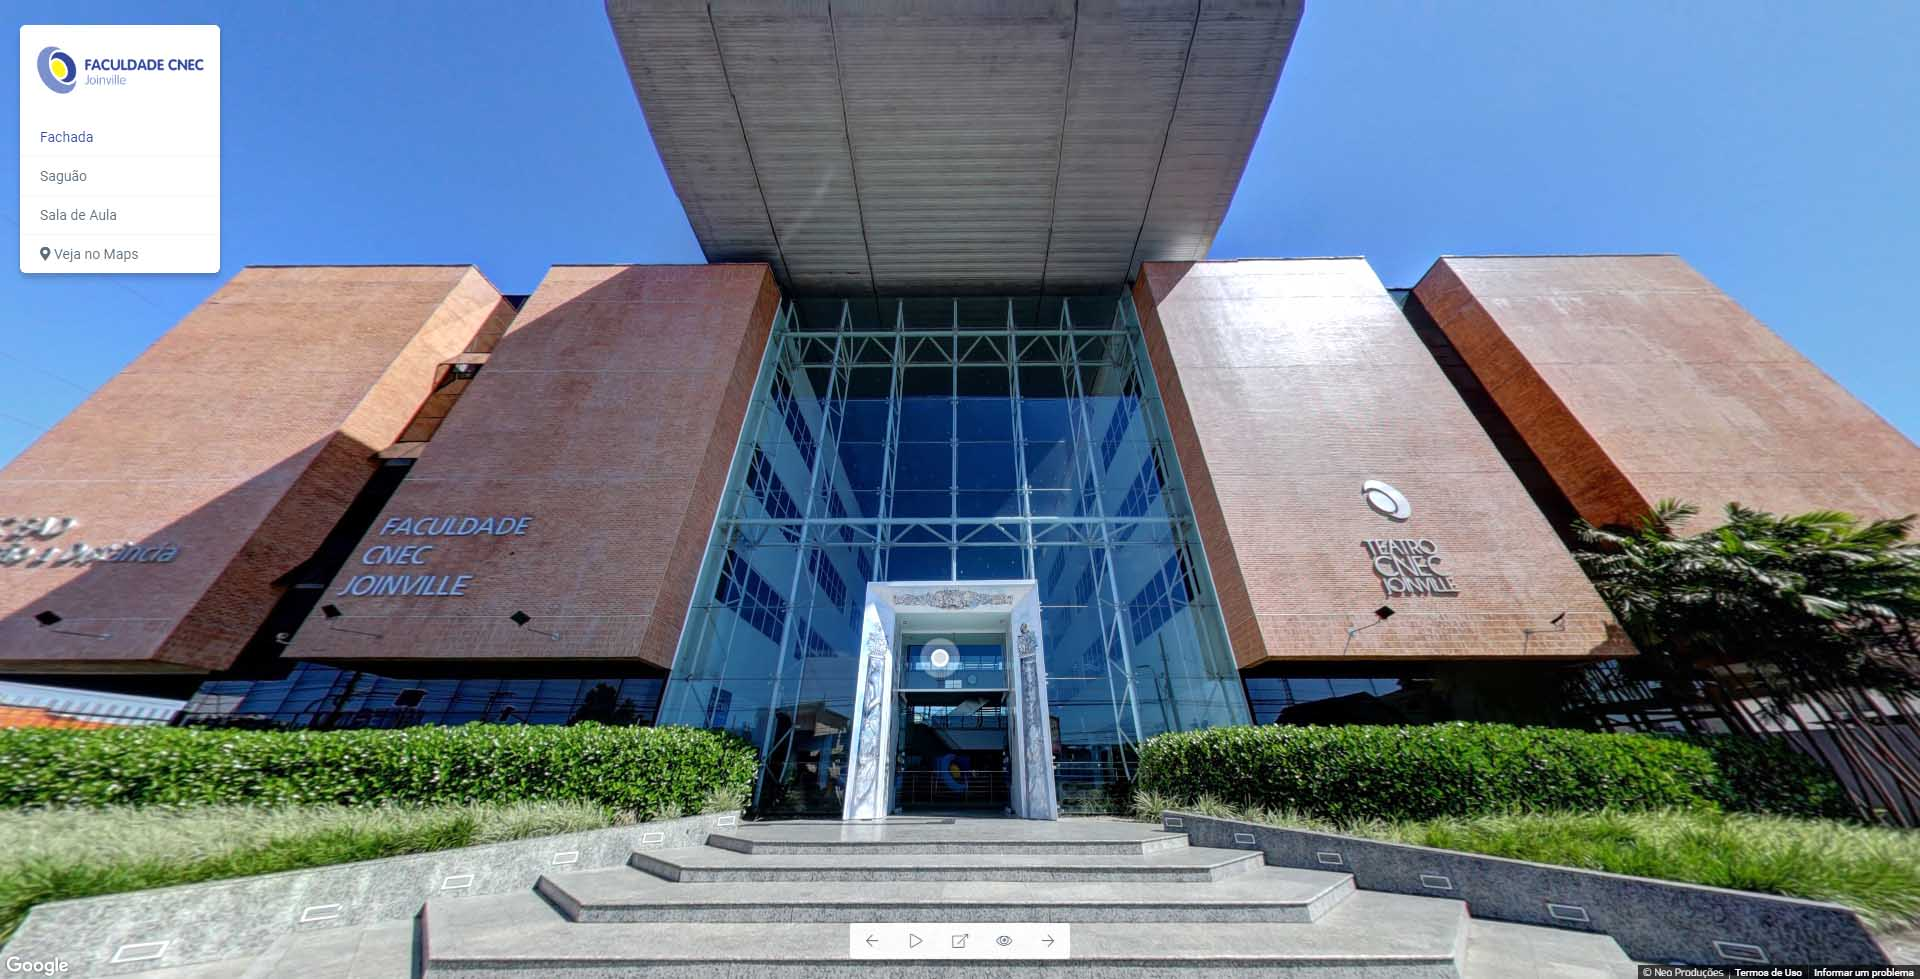 Faculdade CNEC